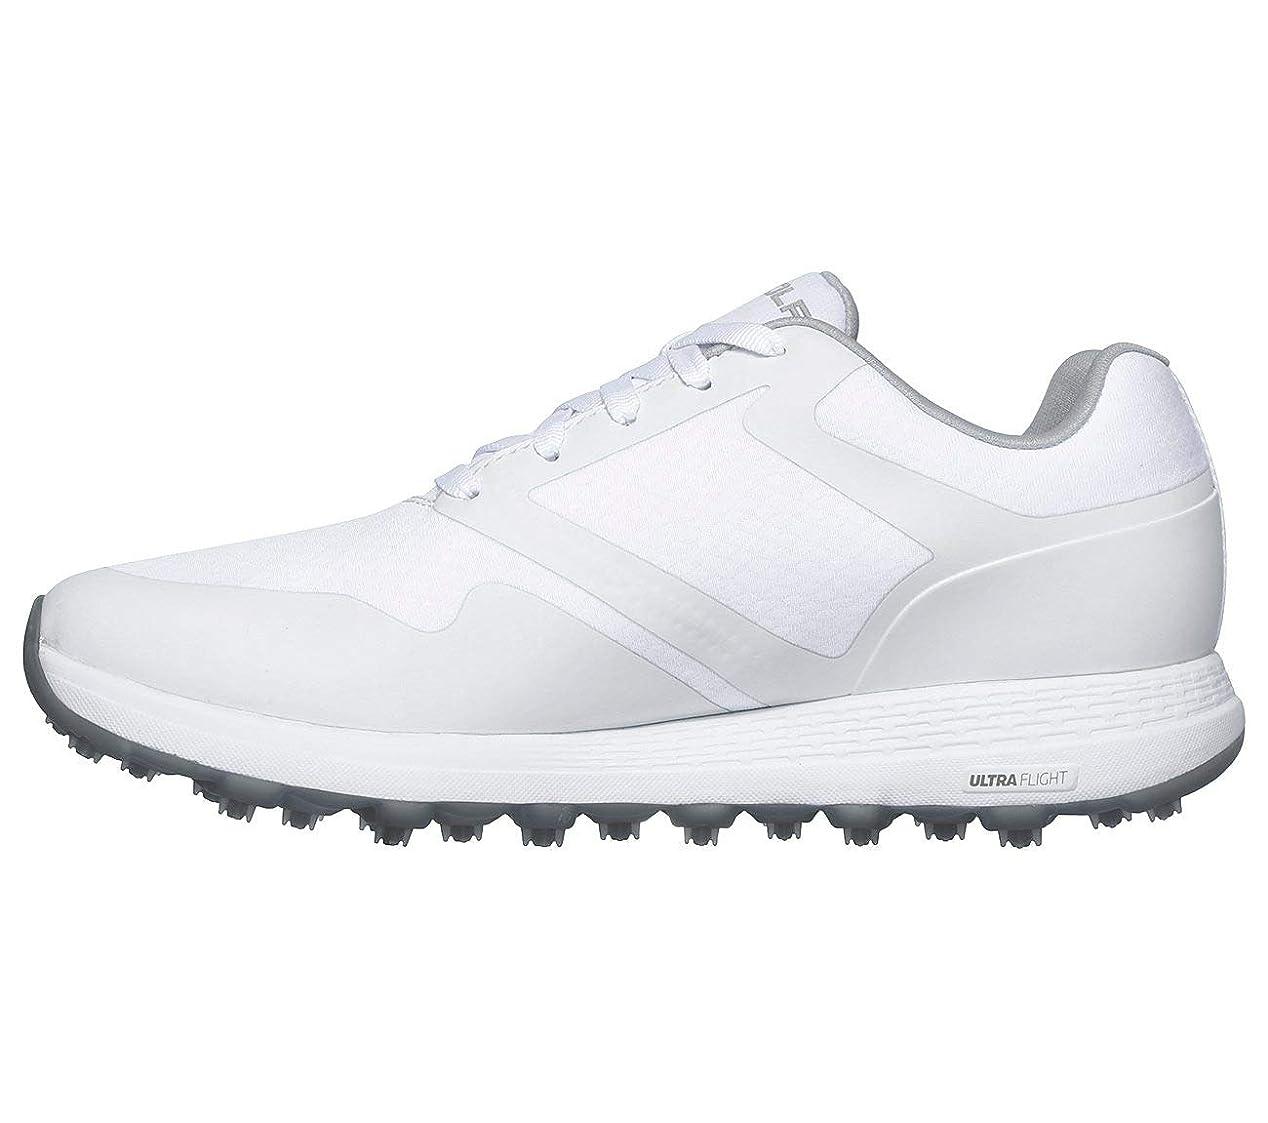 ダメージ突然日付[スケッチャーズ] Womens Max-Fade Low Top Lace Up Golf Shoes [並行輸入品]